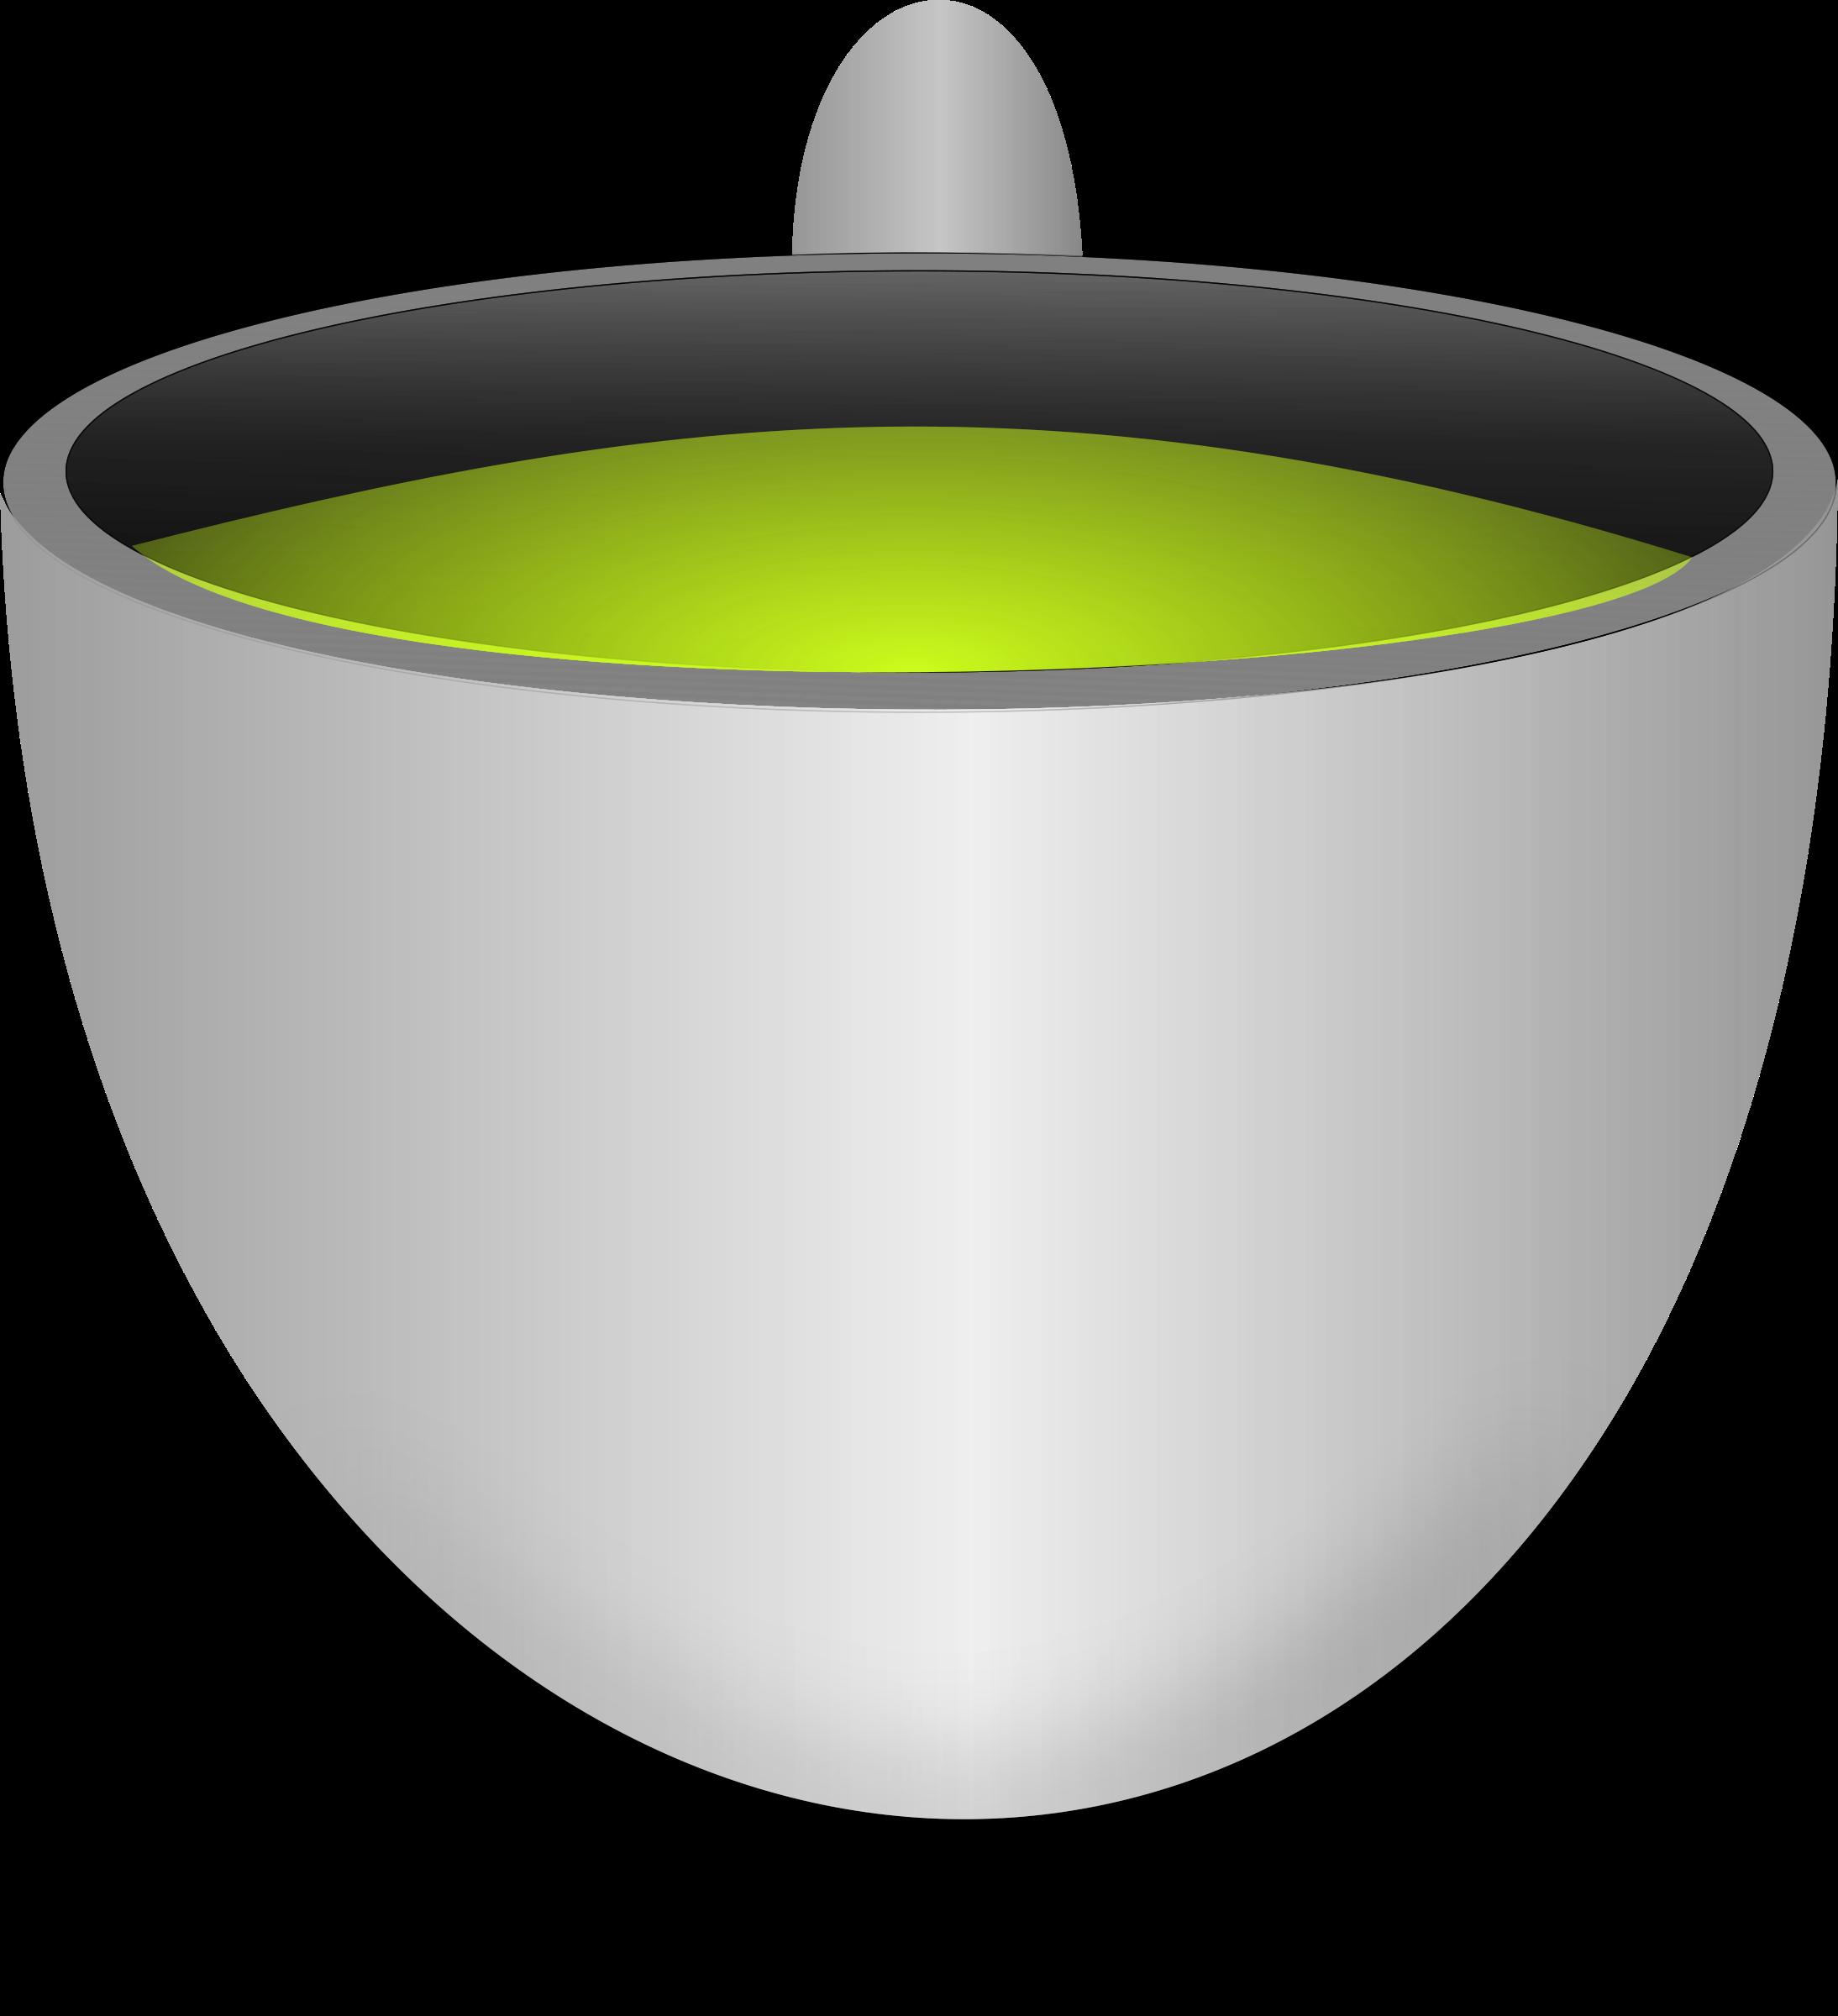 Milk half cup